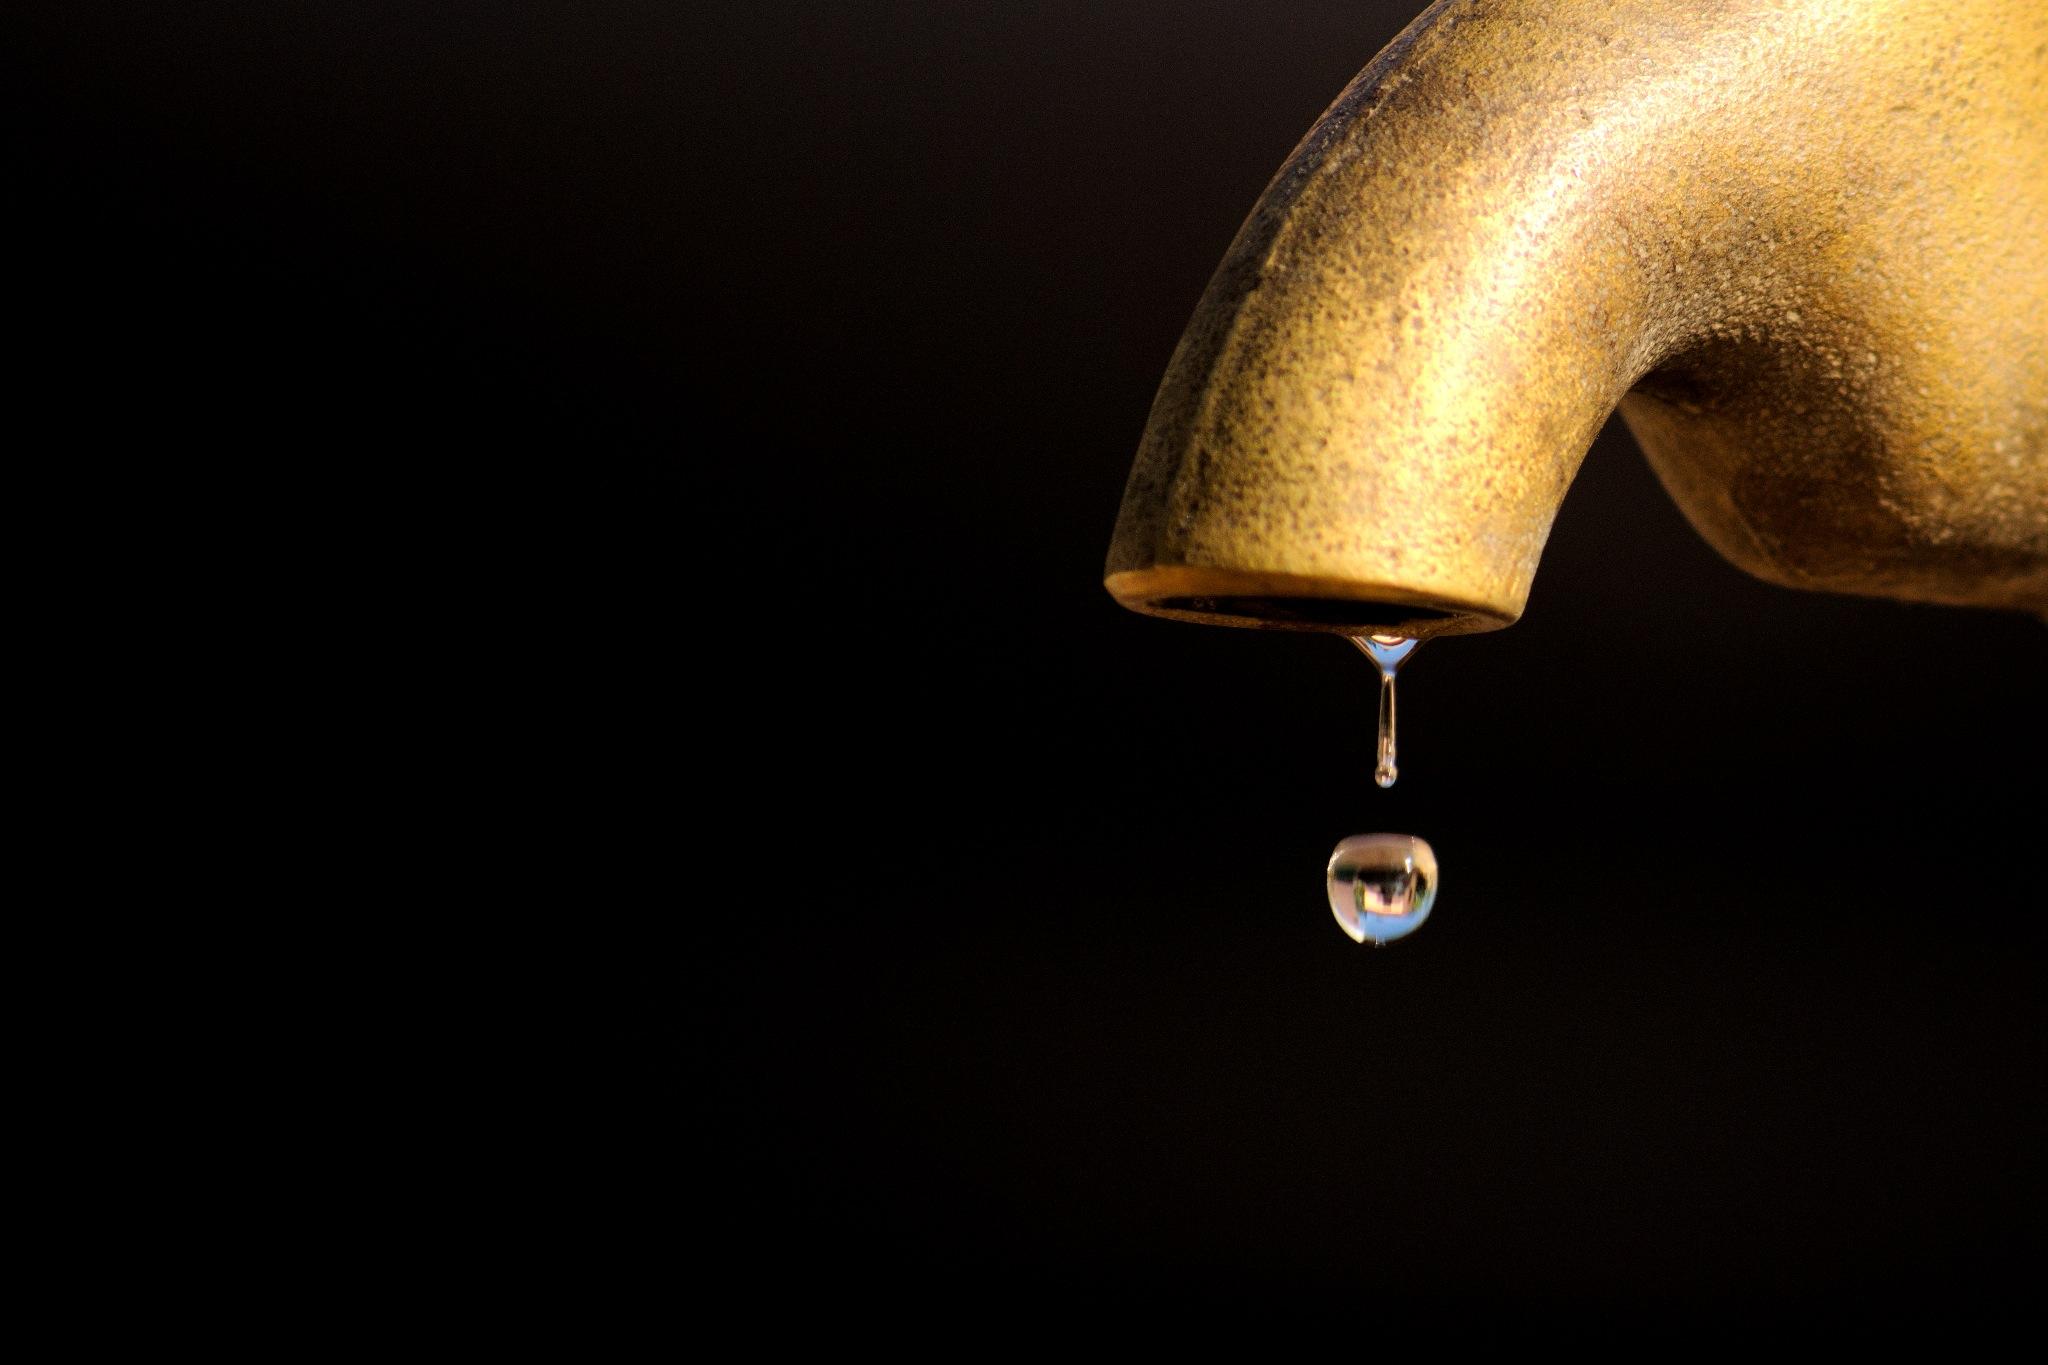 Lekkende kranen en waterverlies oplossen (water besparen)